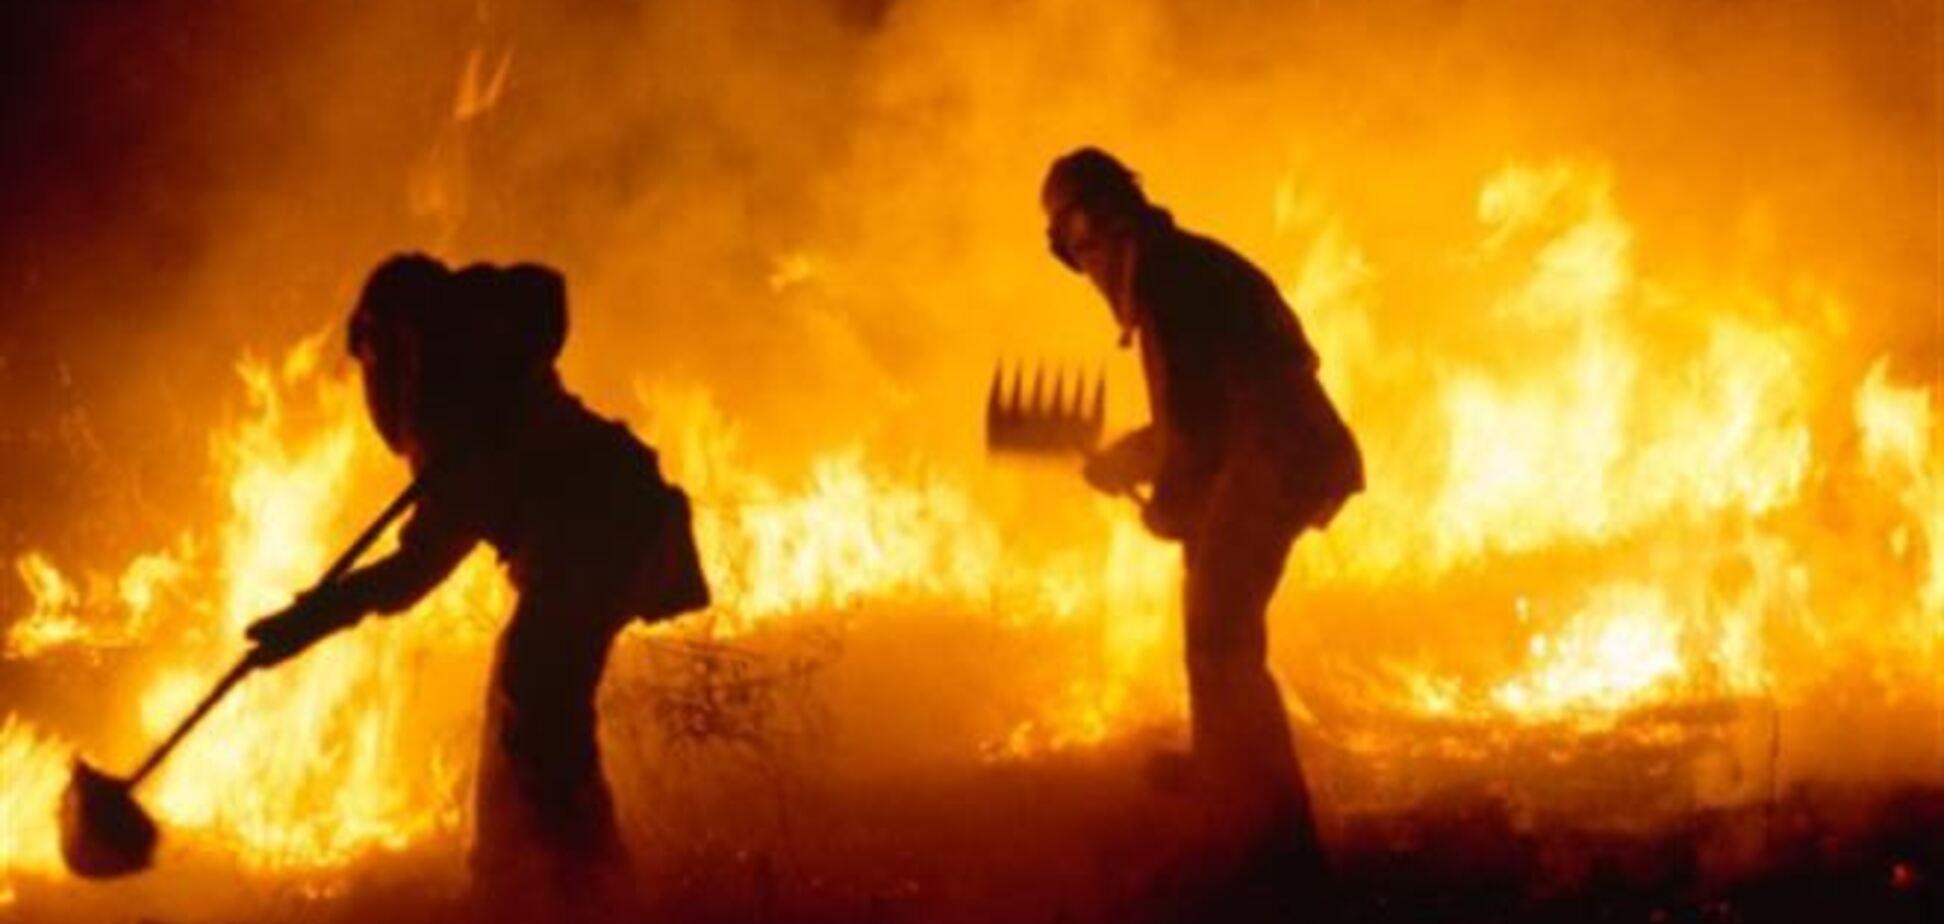 За прошедшие сутки в Украине произошло 143 пожара